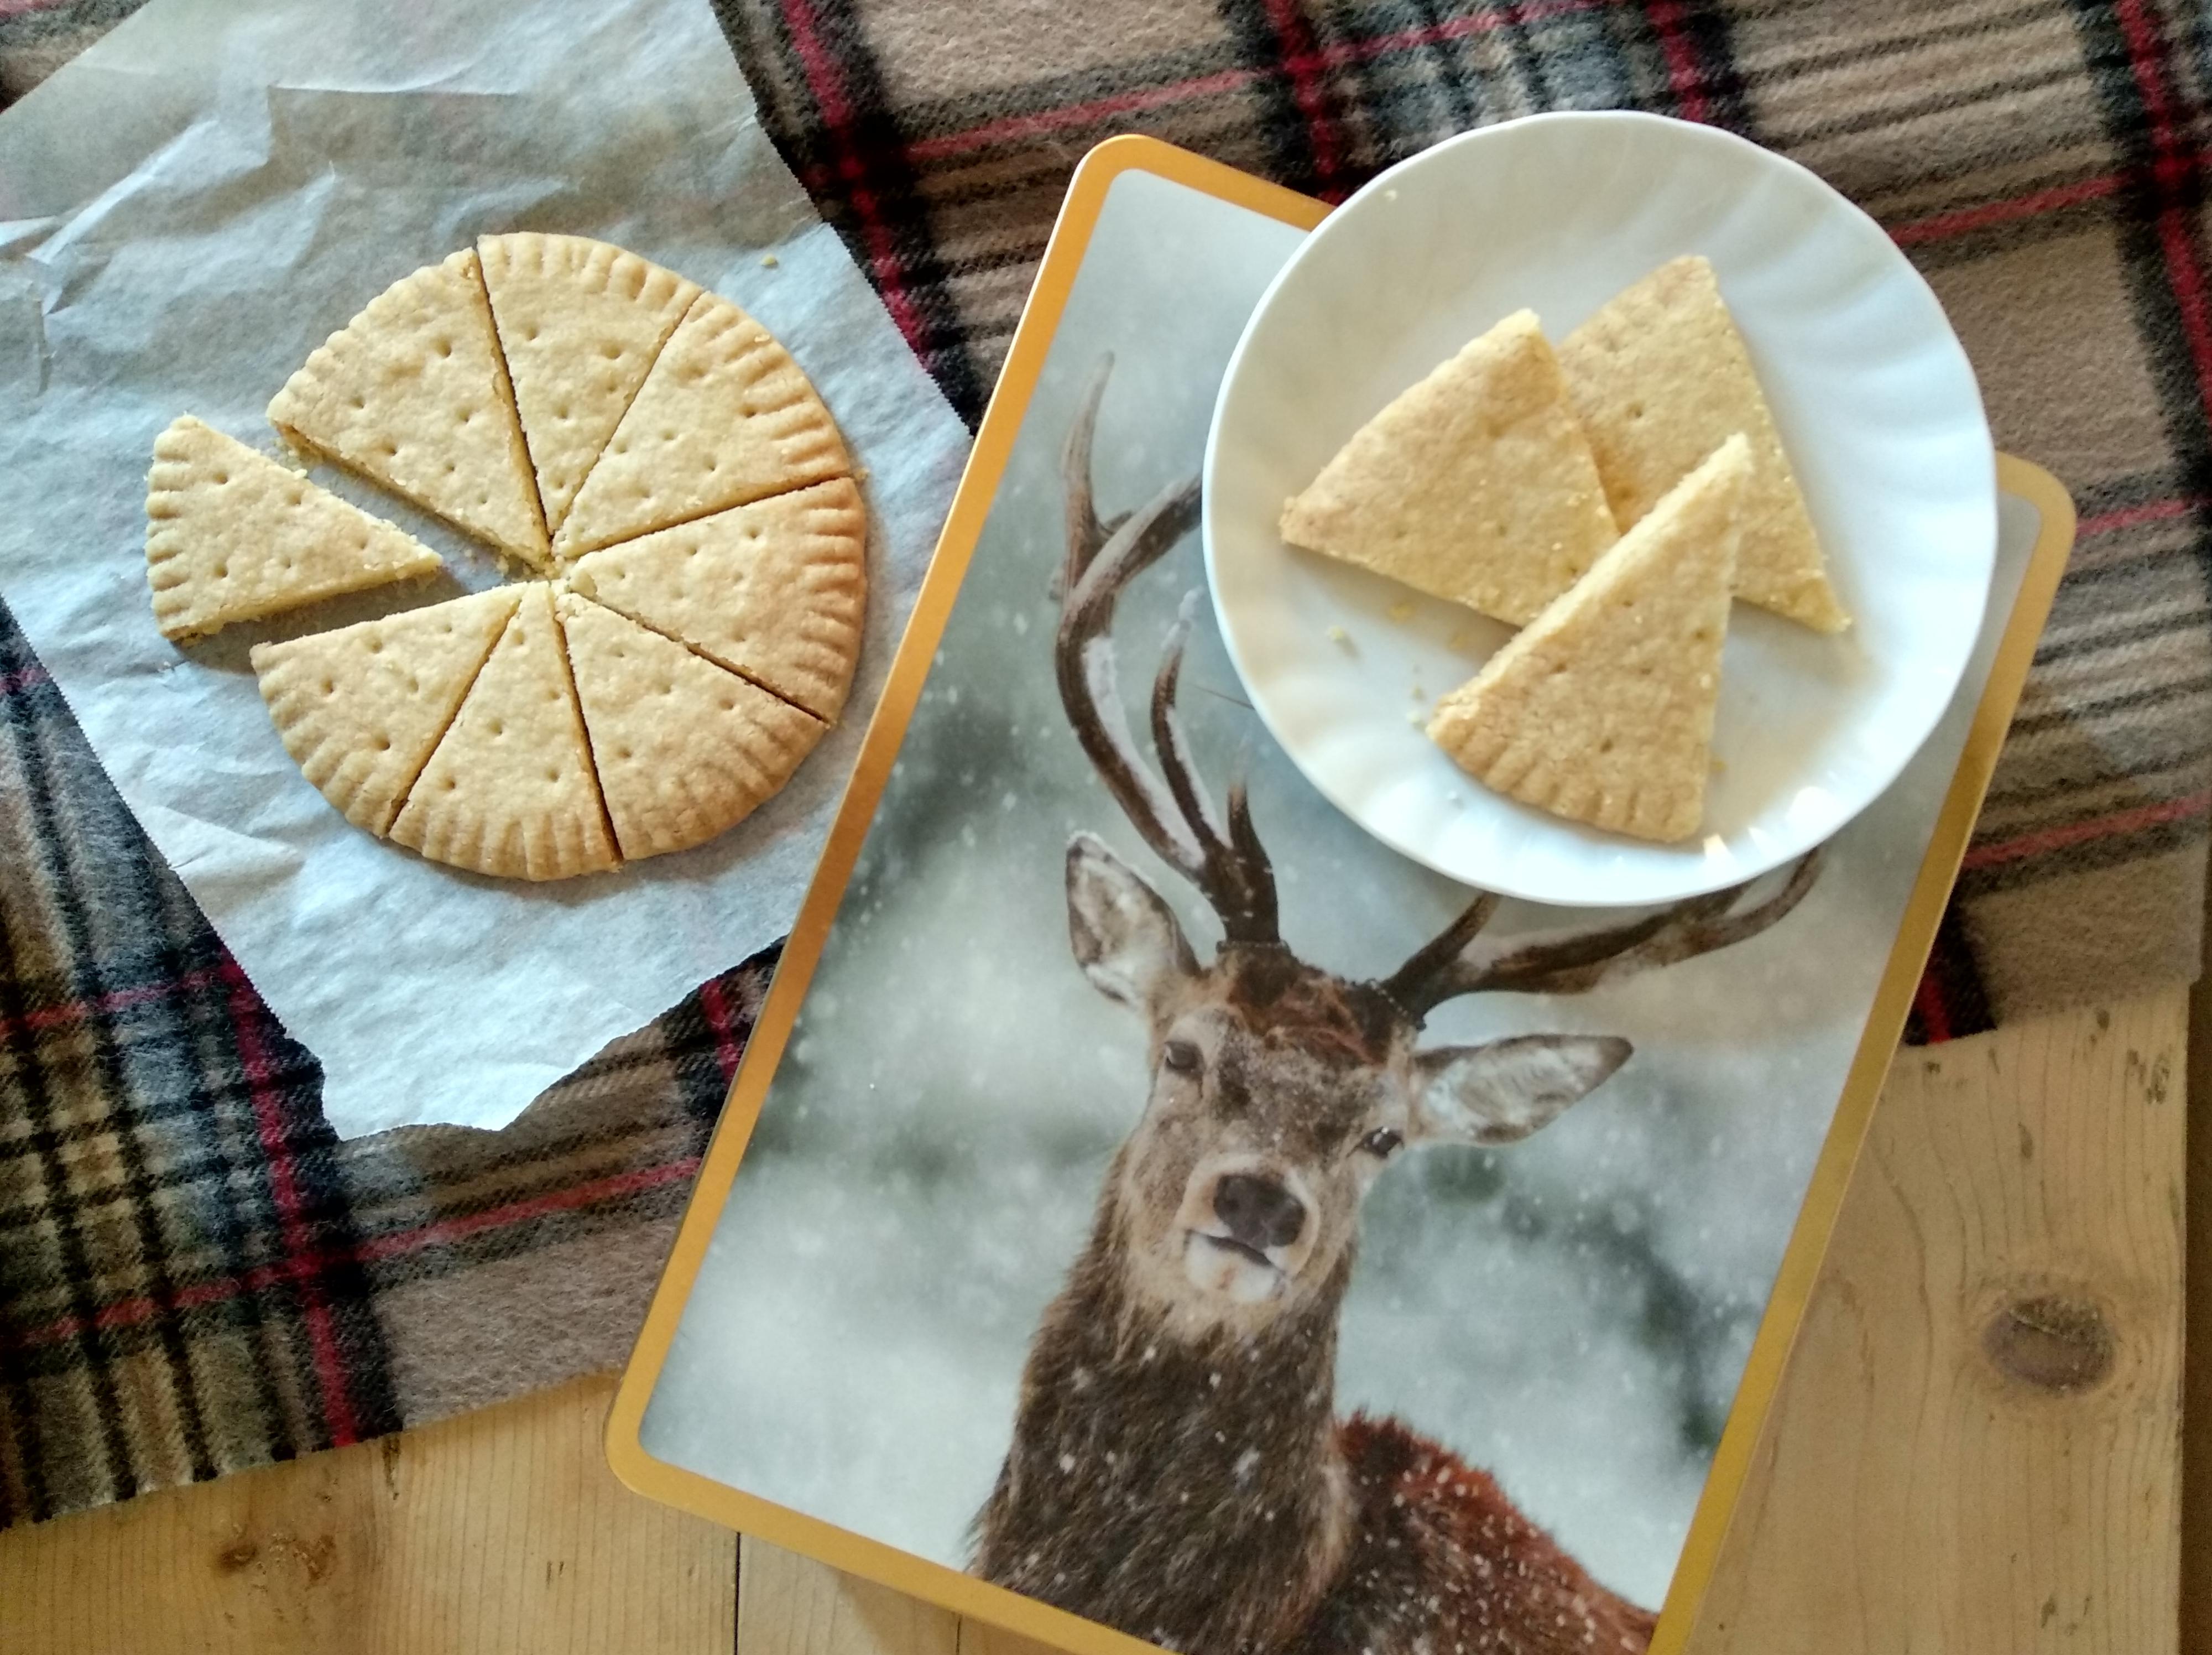 Shortbread-PetticoatTails-ricetta-Scozia-Nelcuoredellascozia-BeatriceRoat